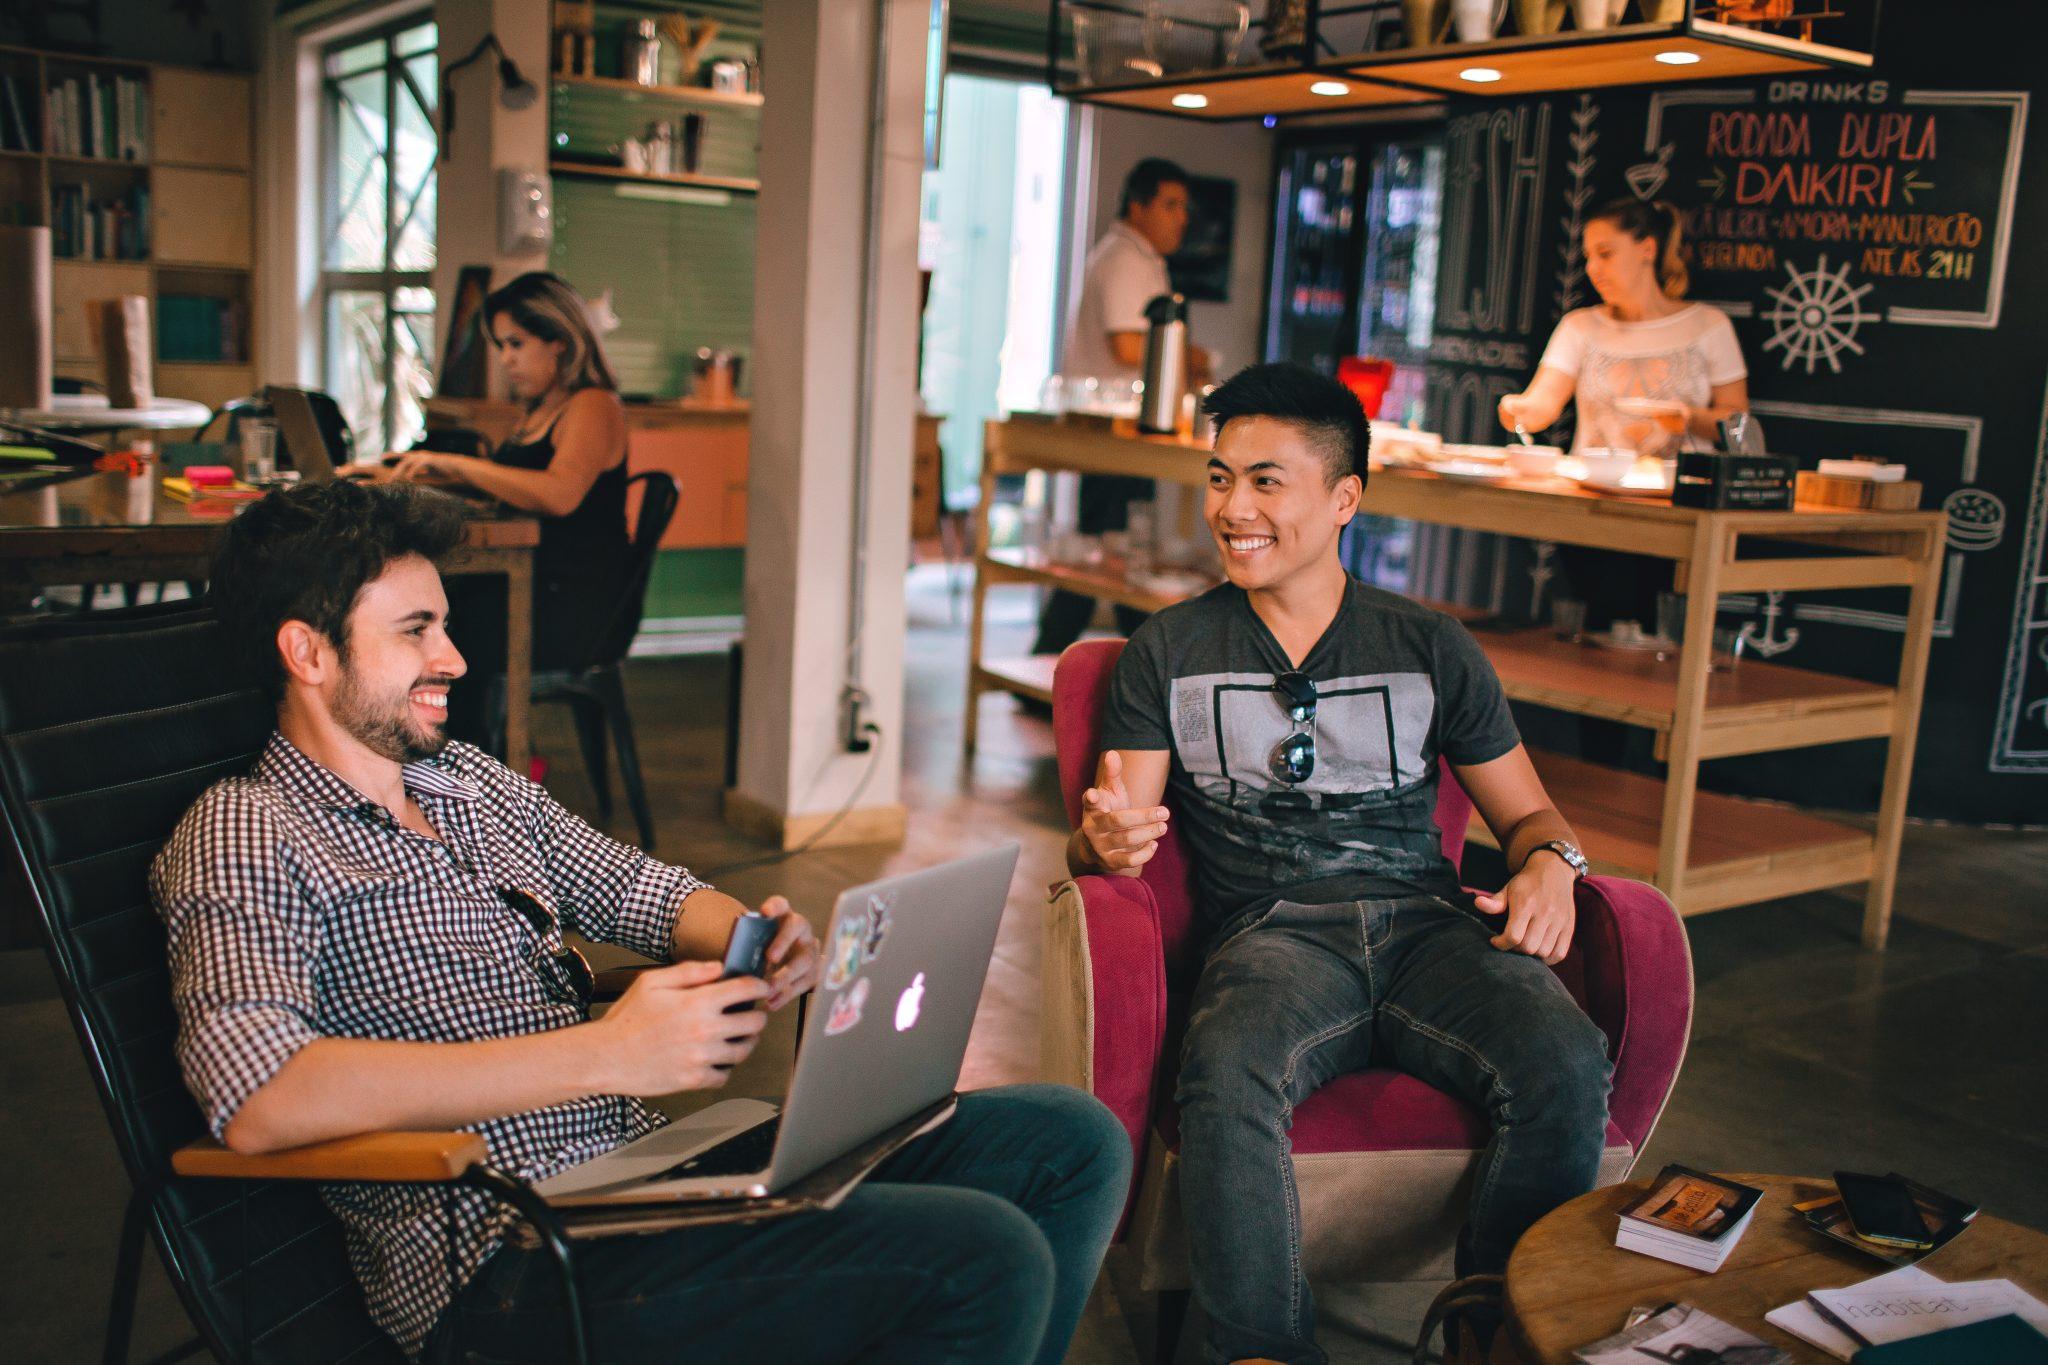 Mobiles Arbeiten ermöglicht es, Projekte auch in Cafes zu verwirklichen.